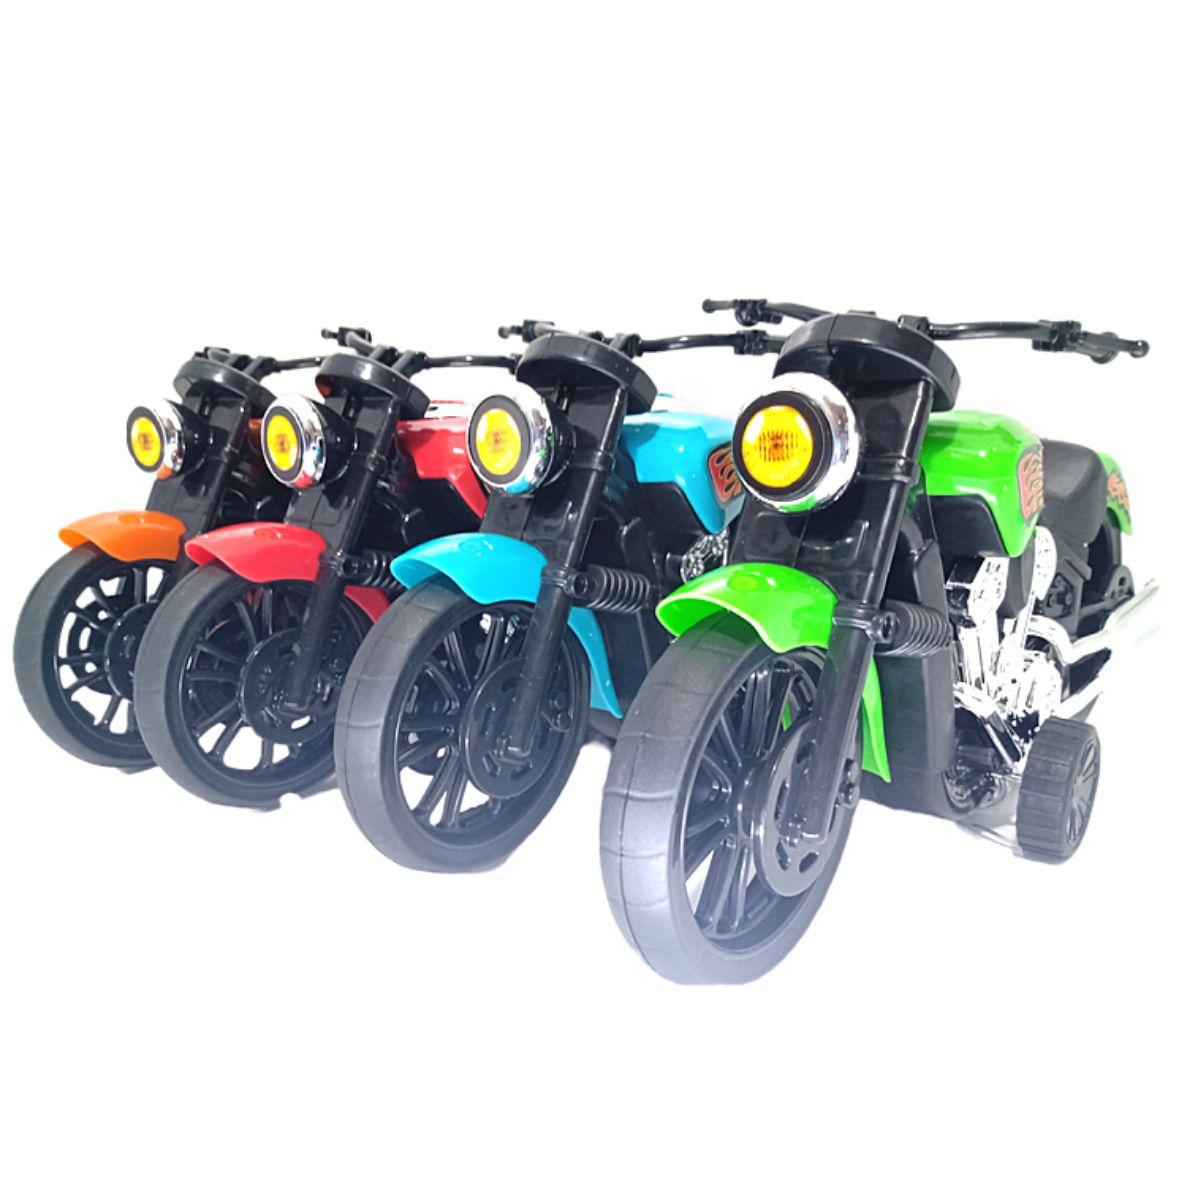 Moto de Brinquedo Chopper Action Infantil 4 cores